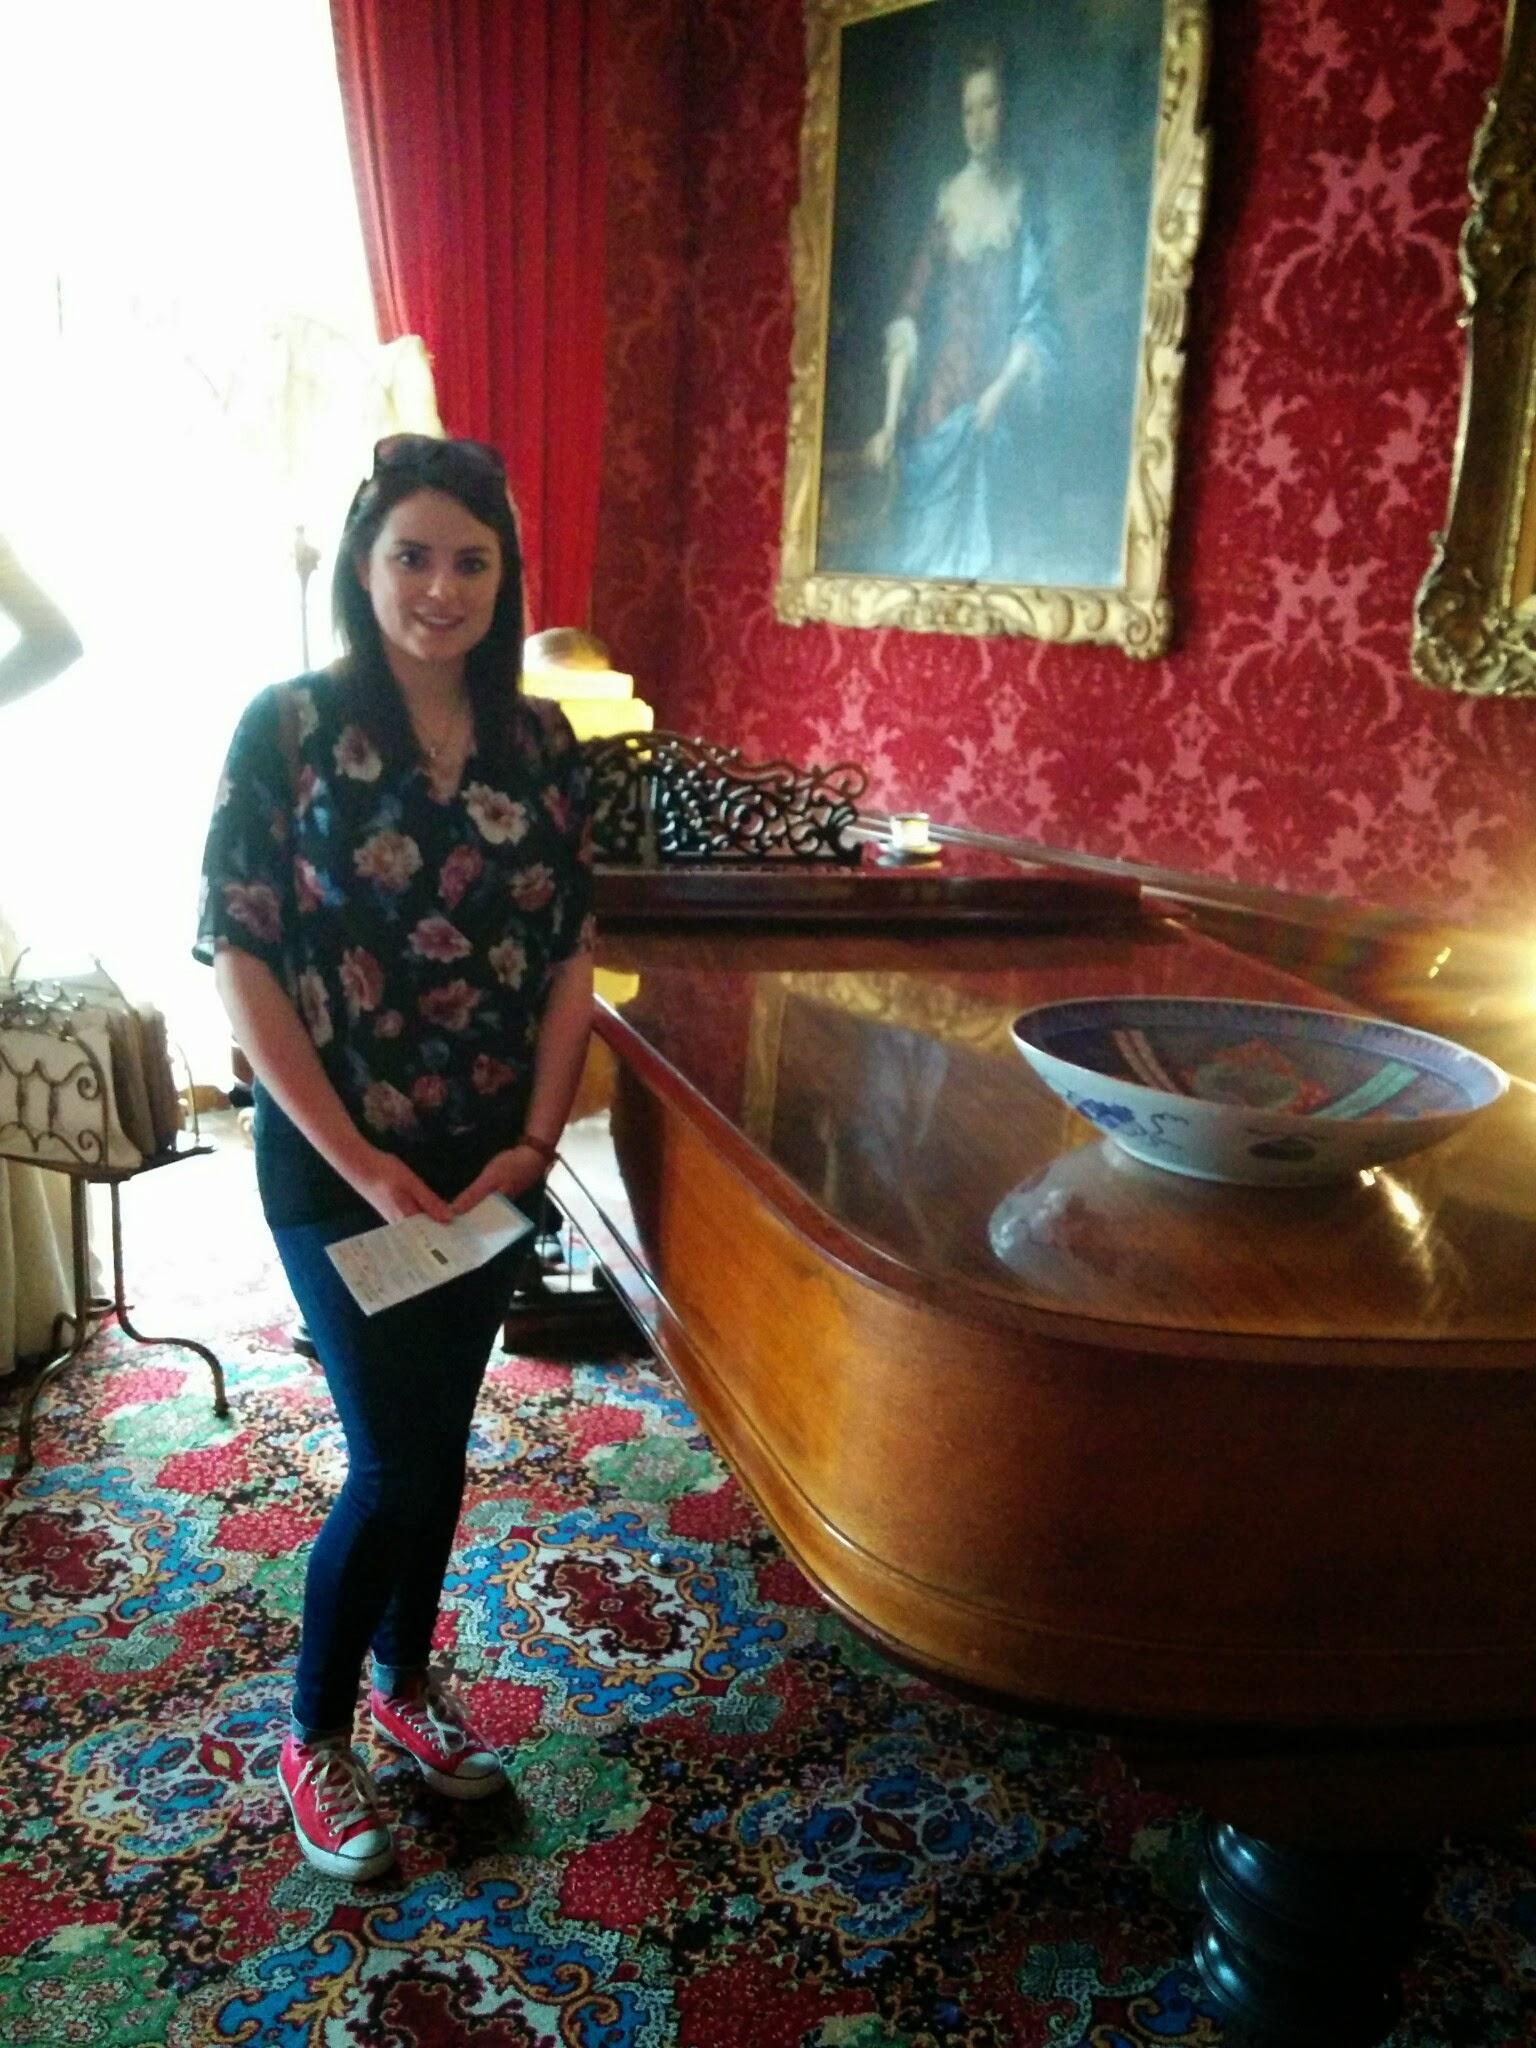 Grand Piano at Warwick Castle